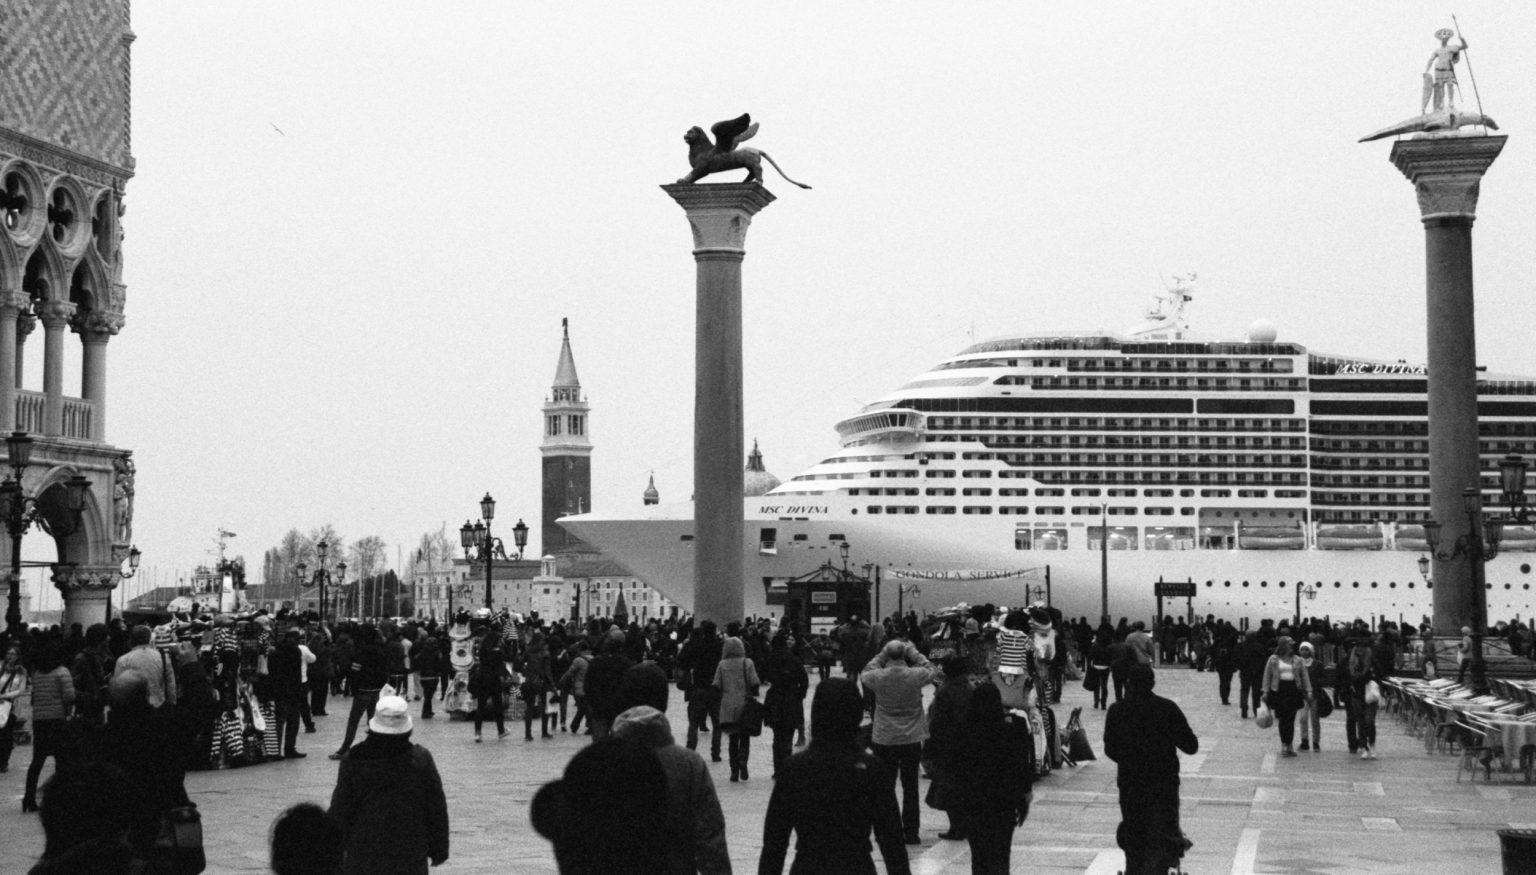 """Venice, April 2013 - Big cruise liners invade the city - MSC Divina cruise ship passing by St Mark's Square ><  Venezia, aprile 2013 - Le grandi navi da crociera invadono la città - La MSC Divina passa davanti a piazza San Marco<p><span style=""""color: #ff0000""""><strong>*** SPECIAL   FEE   APPLIES ***</strong></span></p>*** SPECIAL   FEE   APPLIES *** *** Local Caption *** 00473486"""